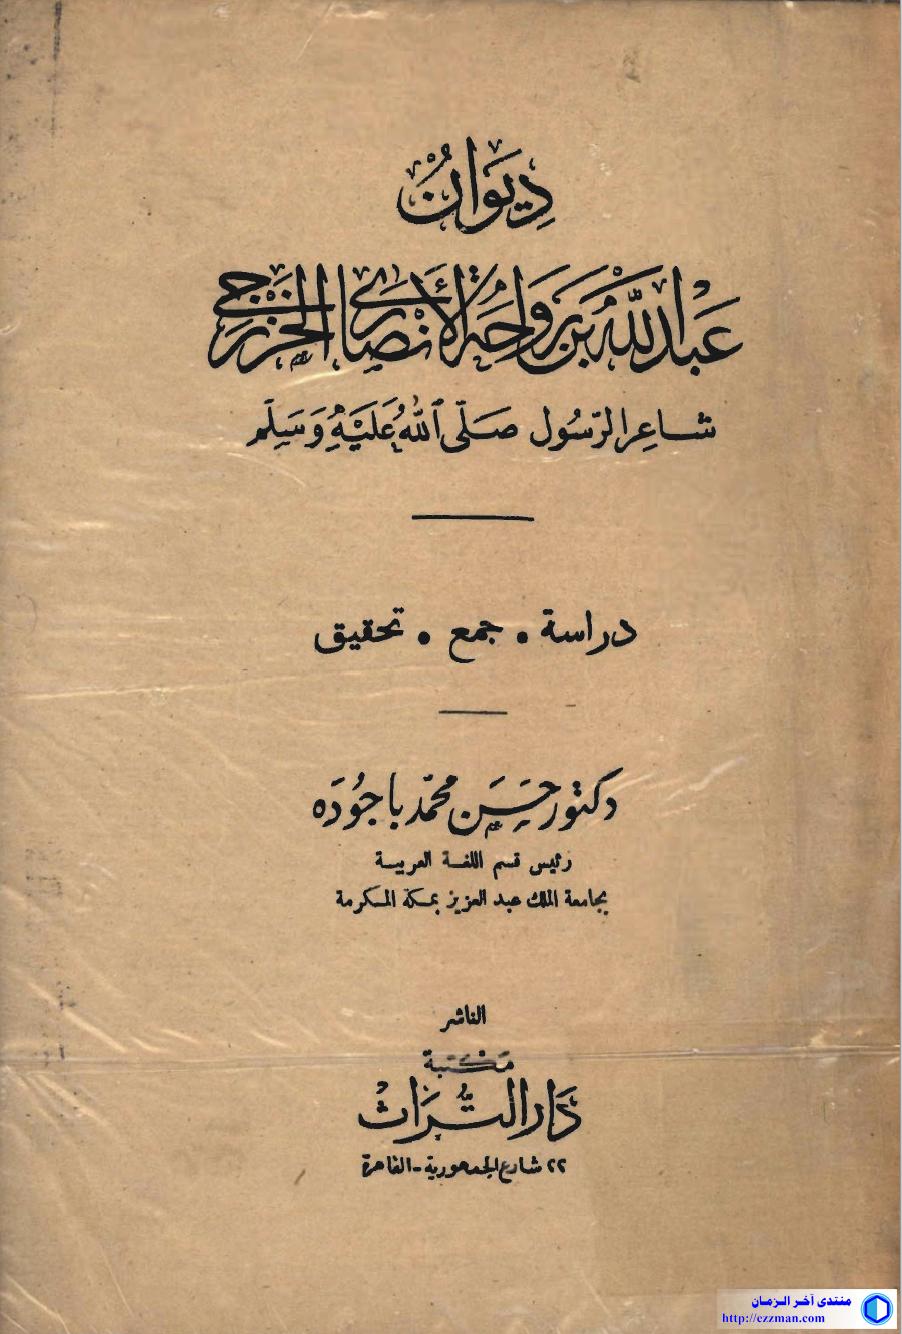 ديوان عبدالله رواحة الأنصاري الخزرجي